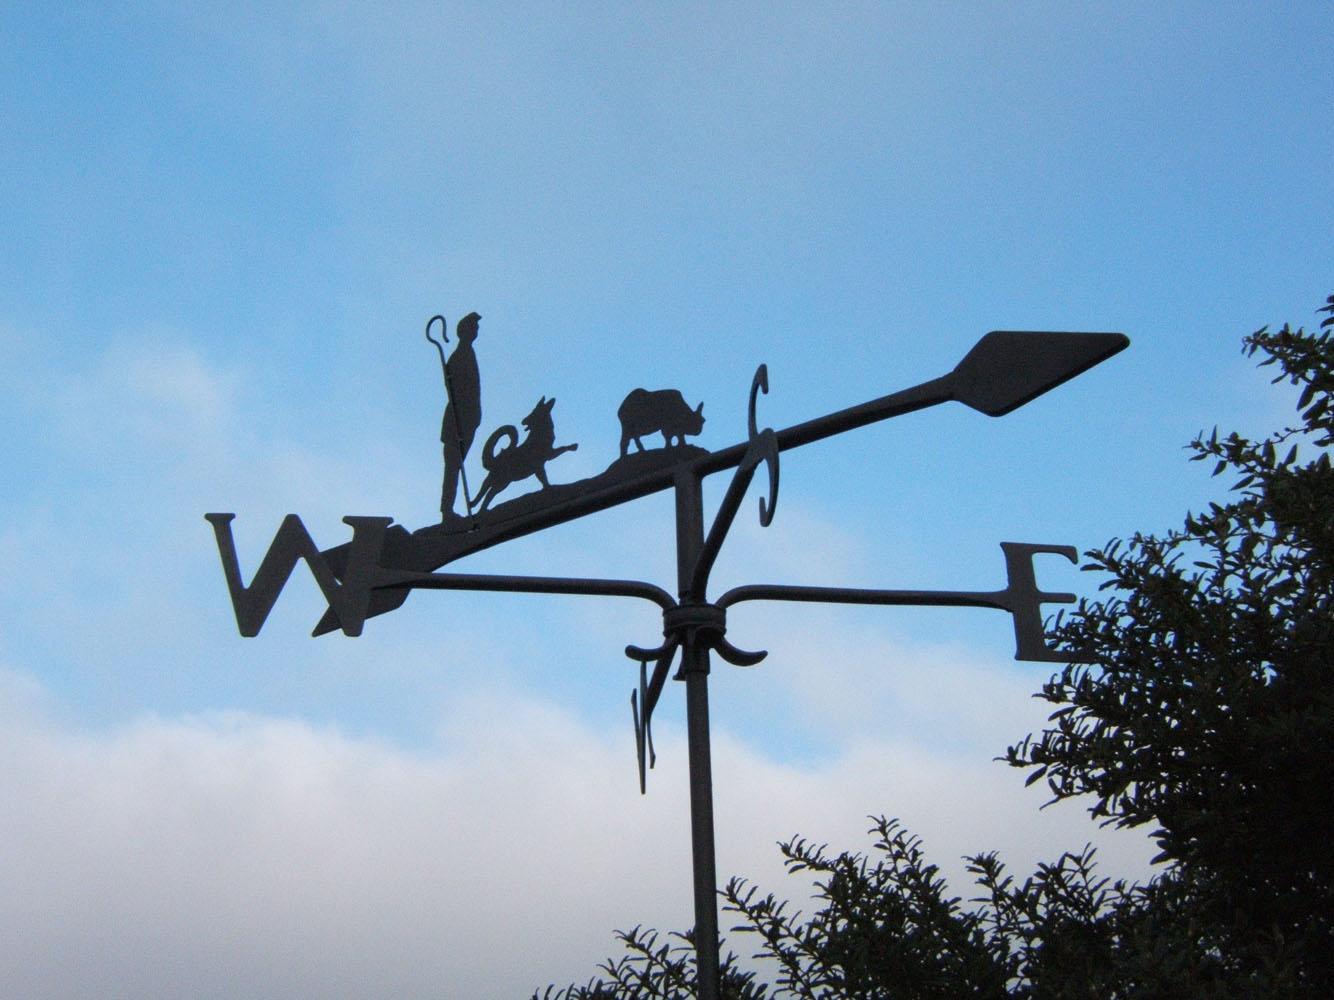 'Shepherd' weathervane